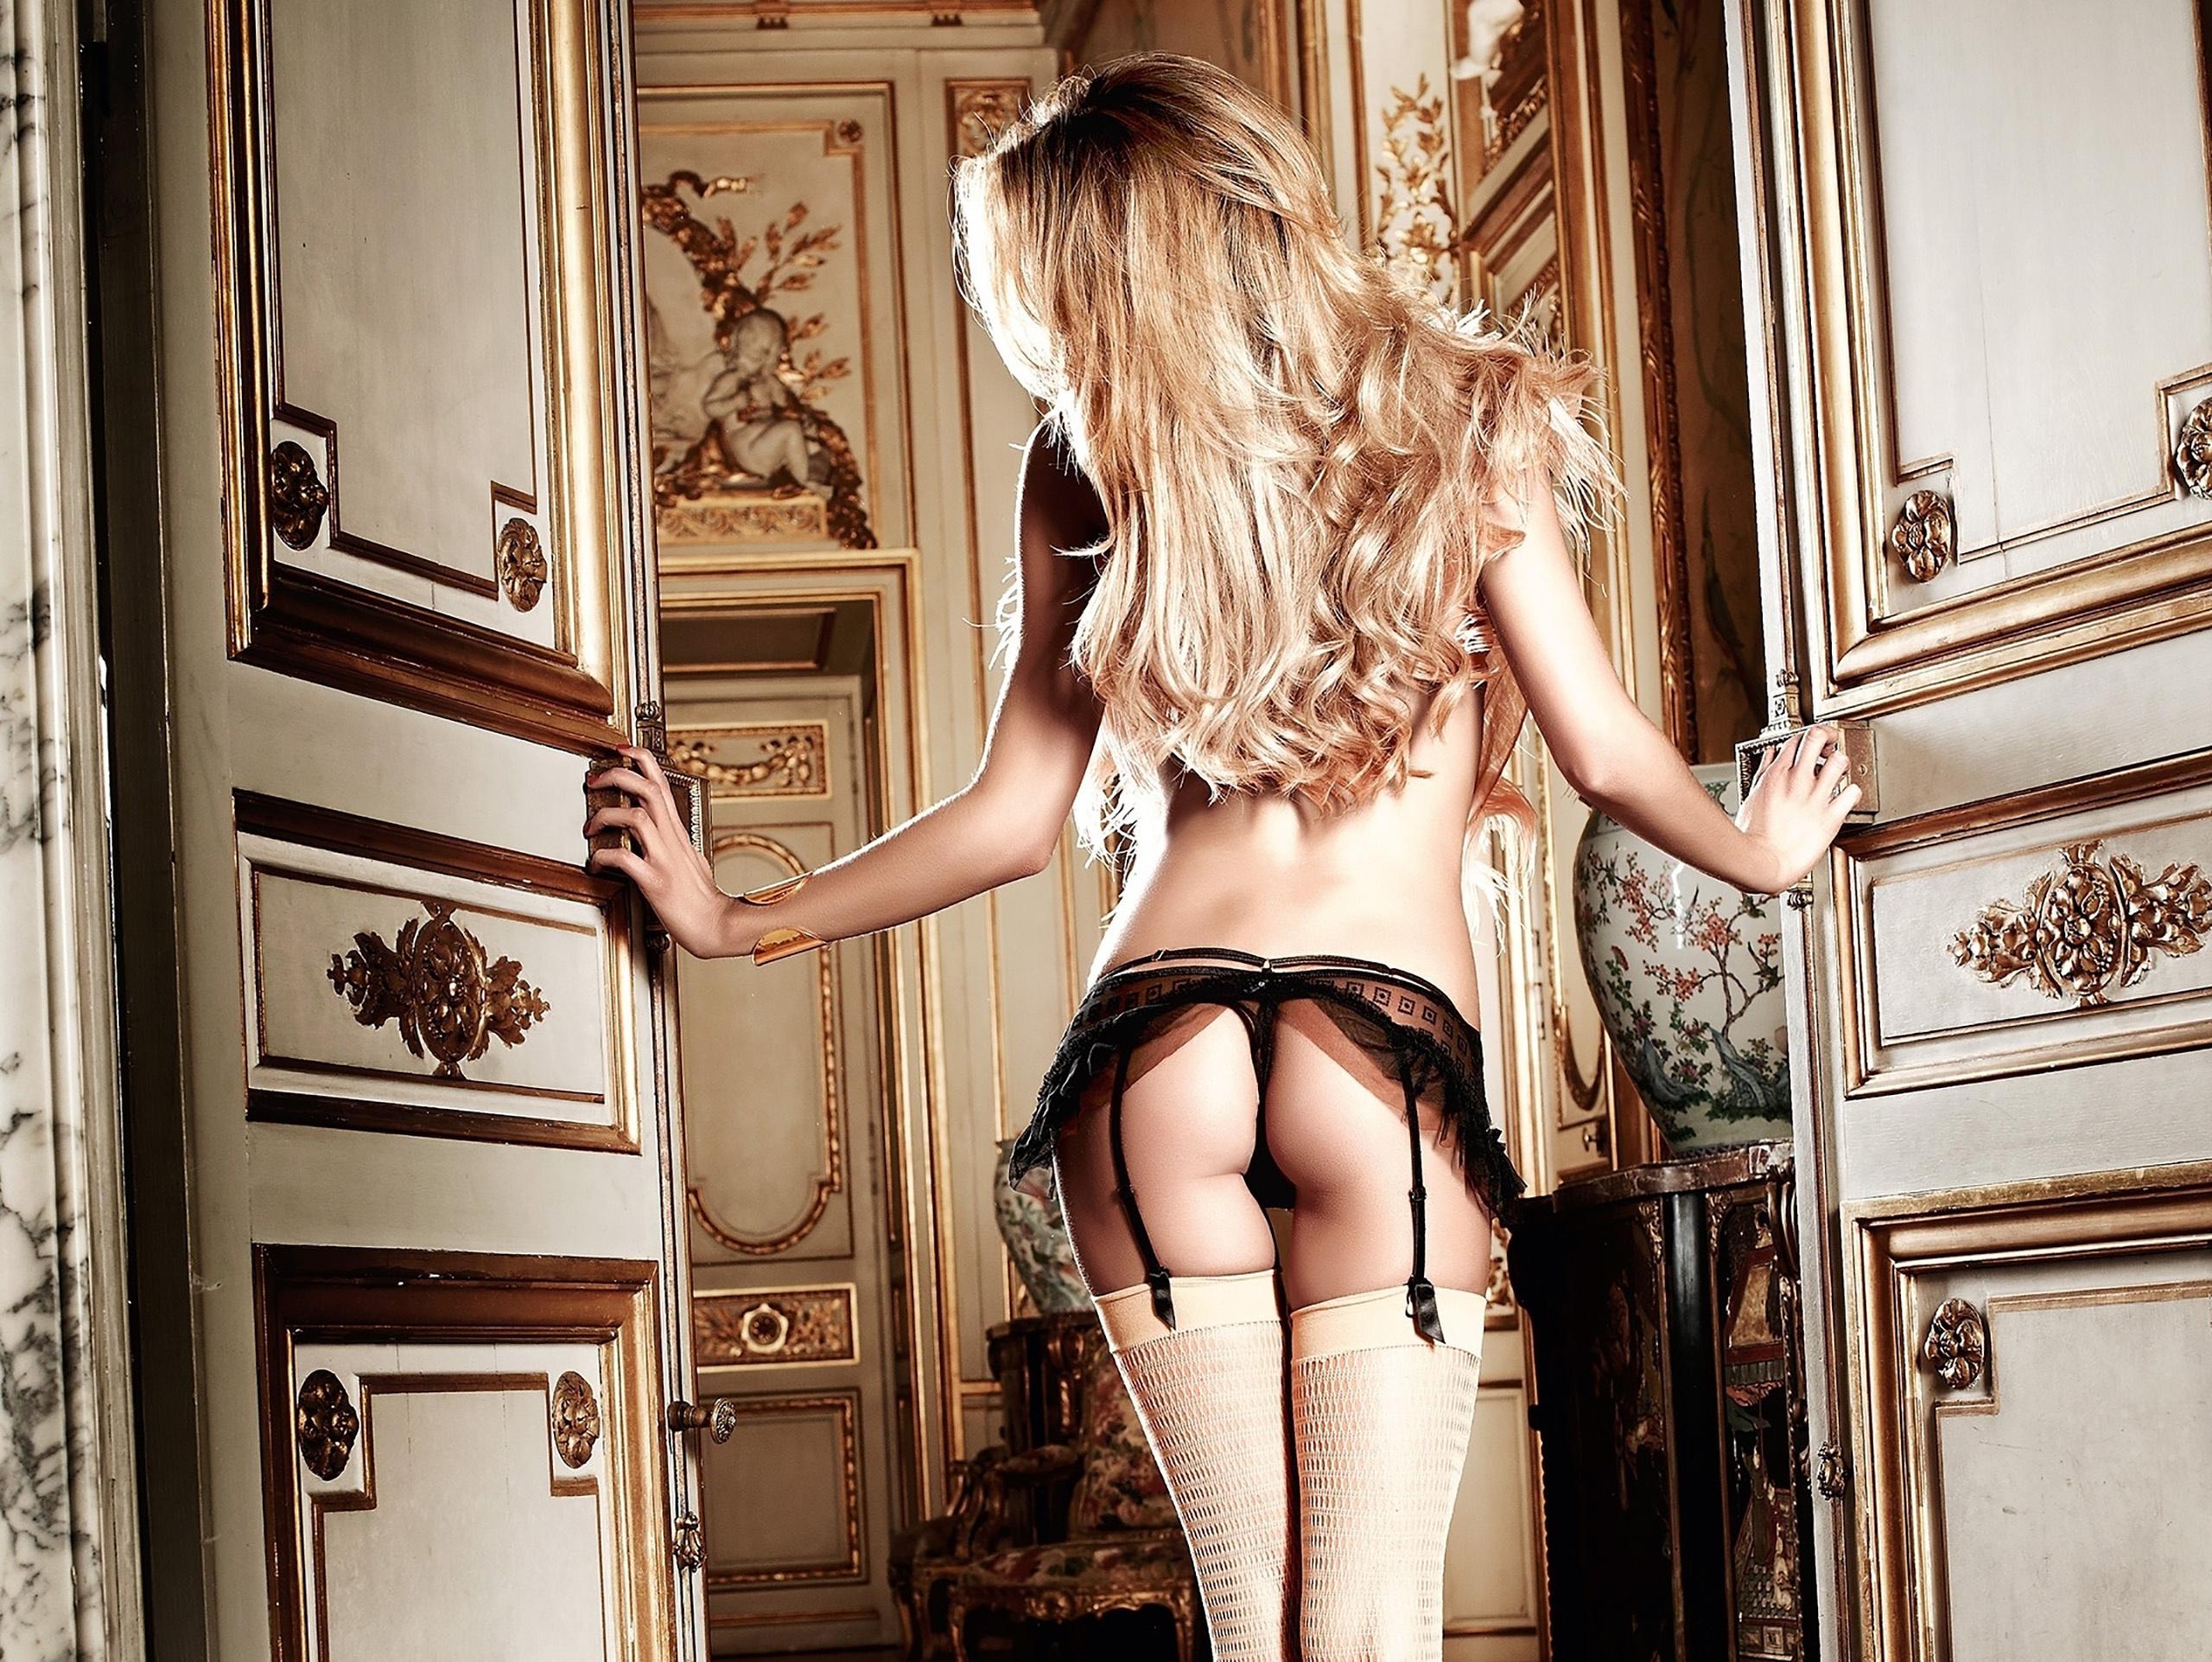 Стервозная девчурка в нижнем белье и чулочках  392578